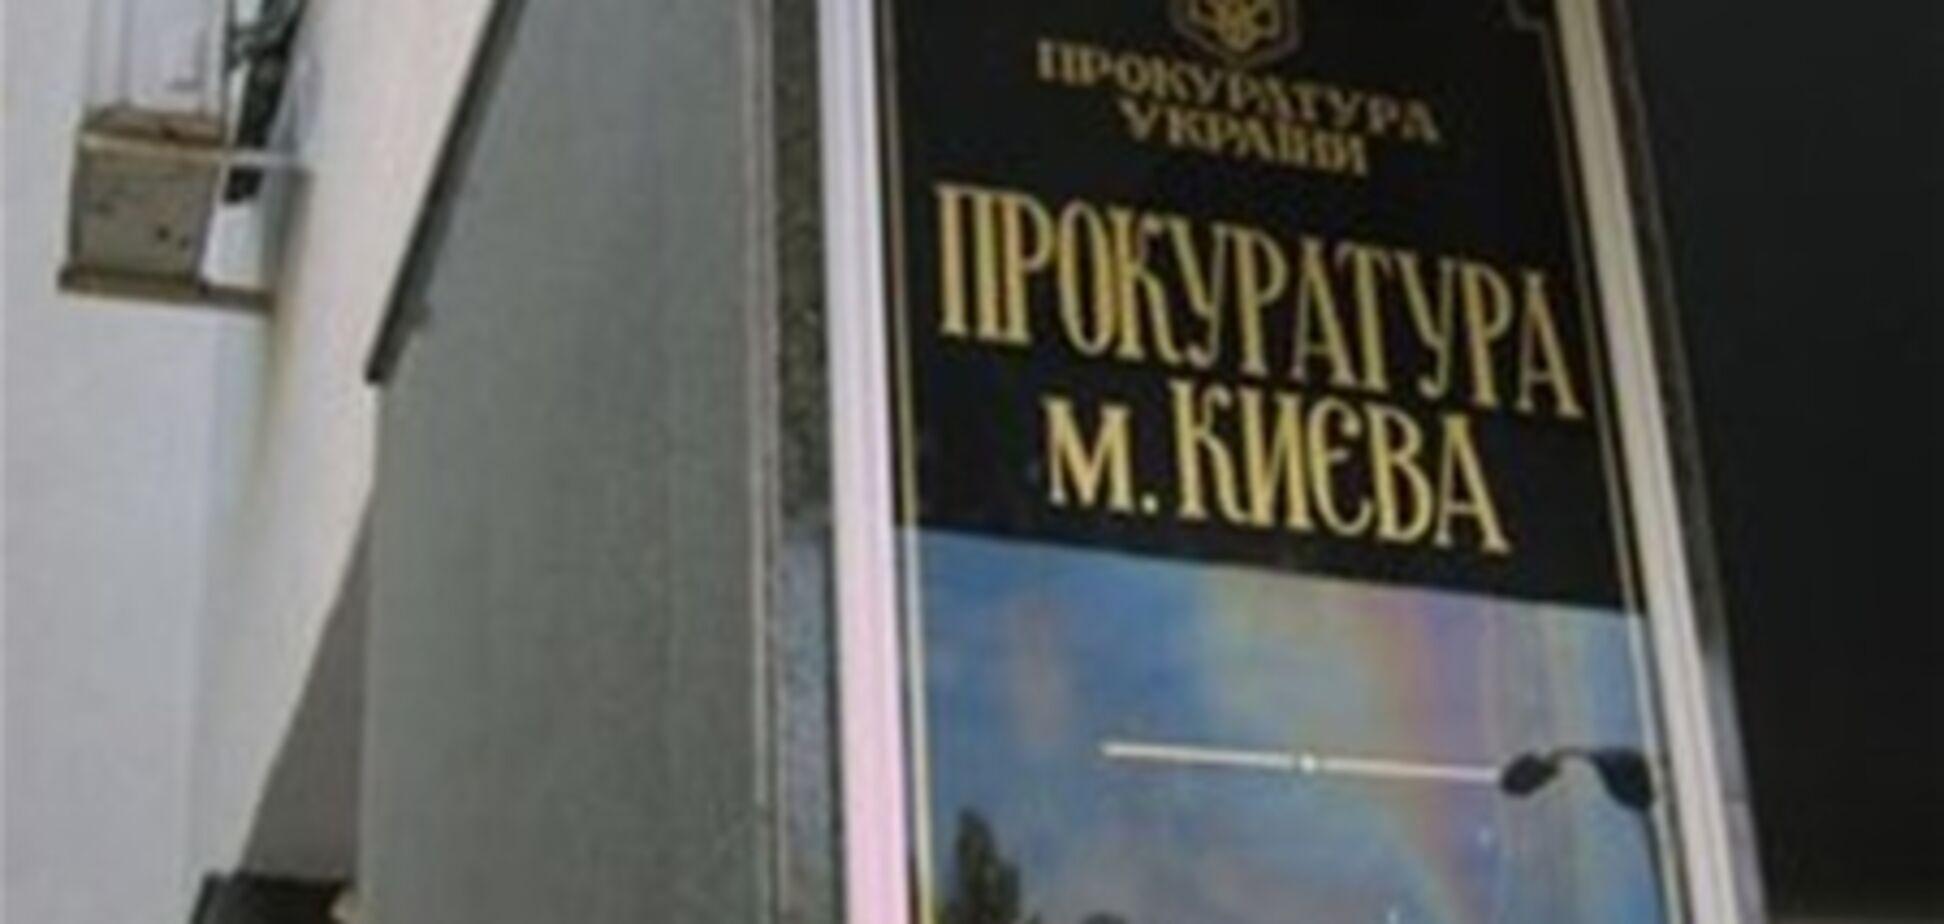 Сайт киевских догхантеров заинтересовал прокуратуру